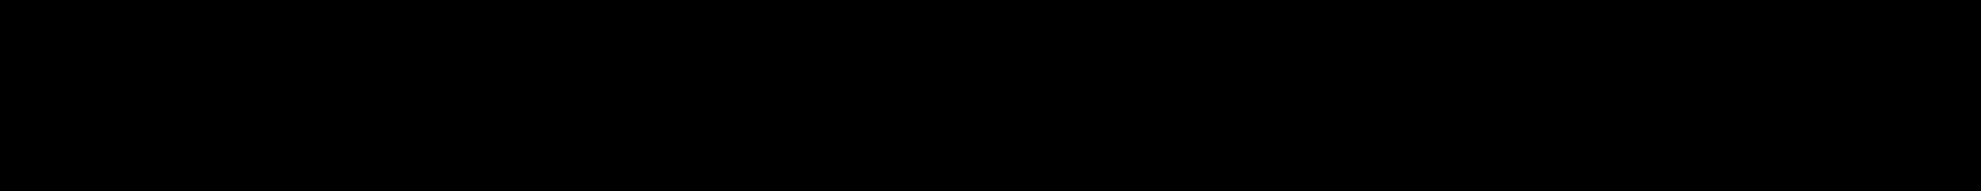 Design System D 500I